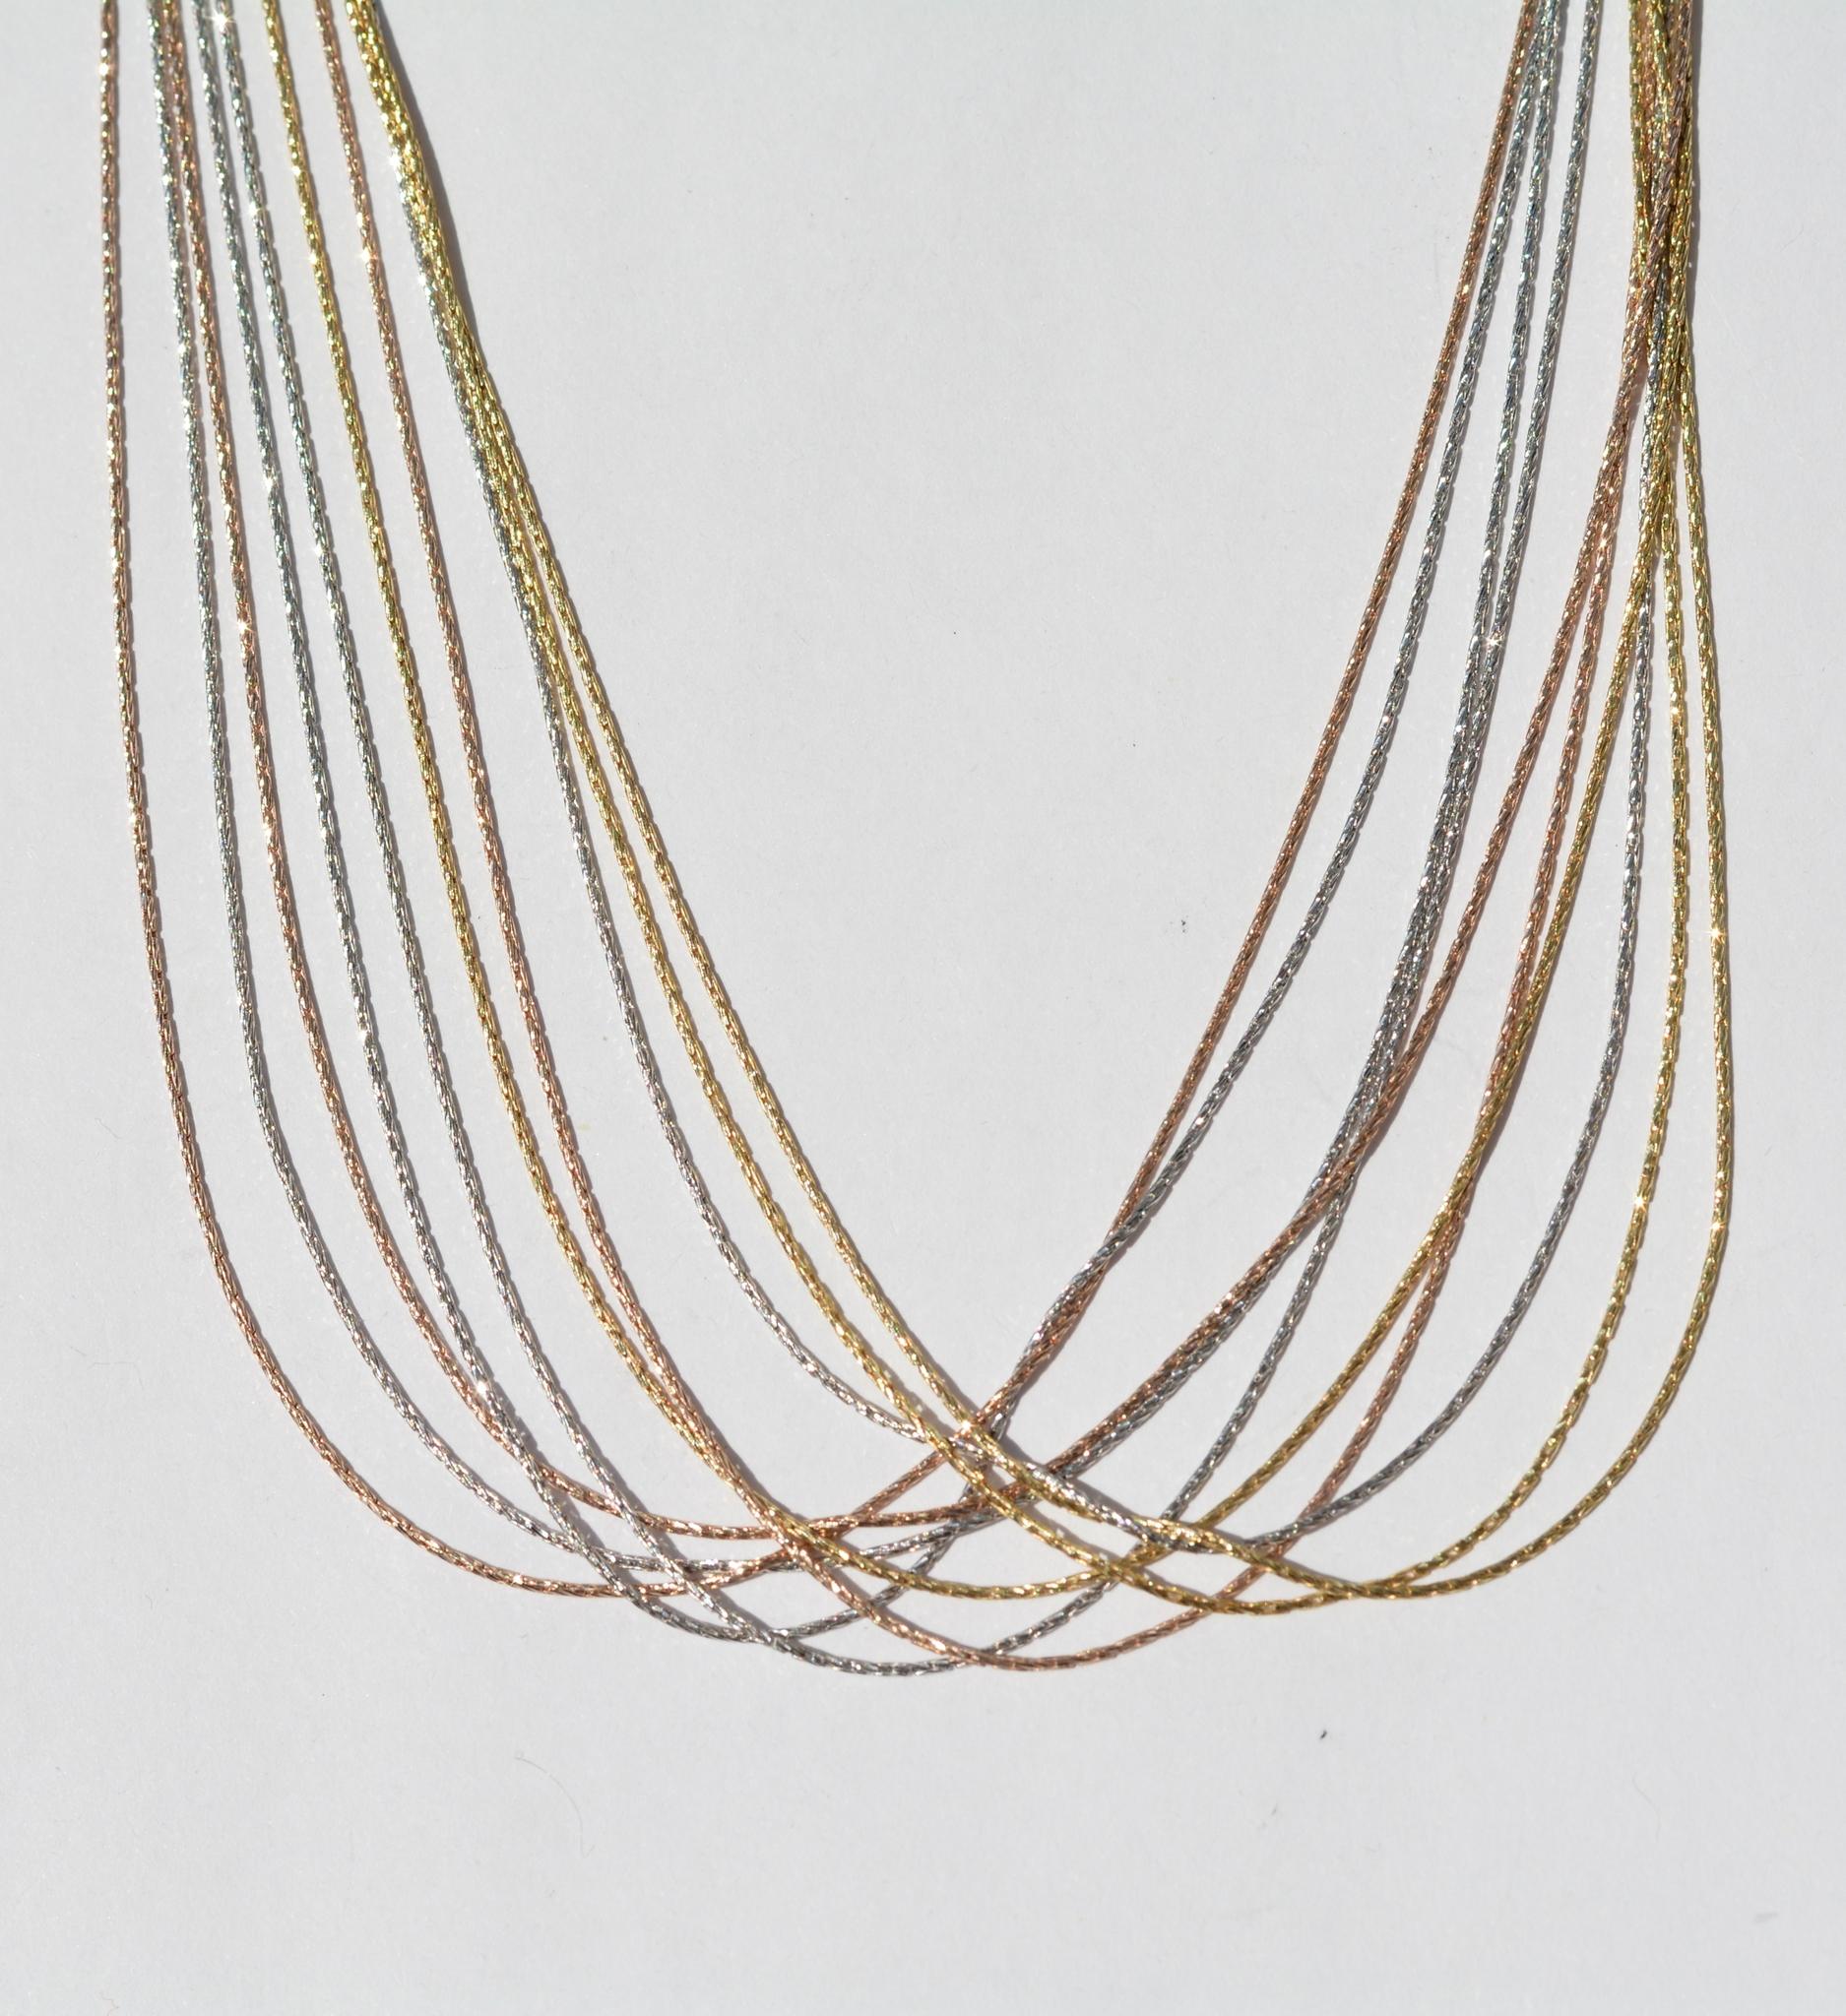 Колье из серебра,10 нитей, трехцветная (серебряная цепочка).